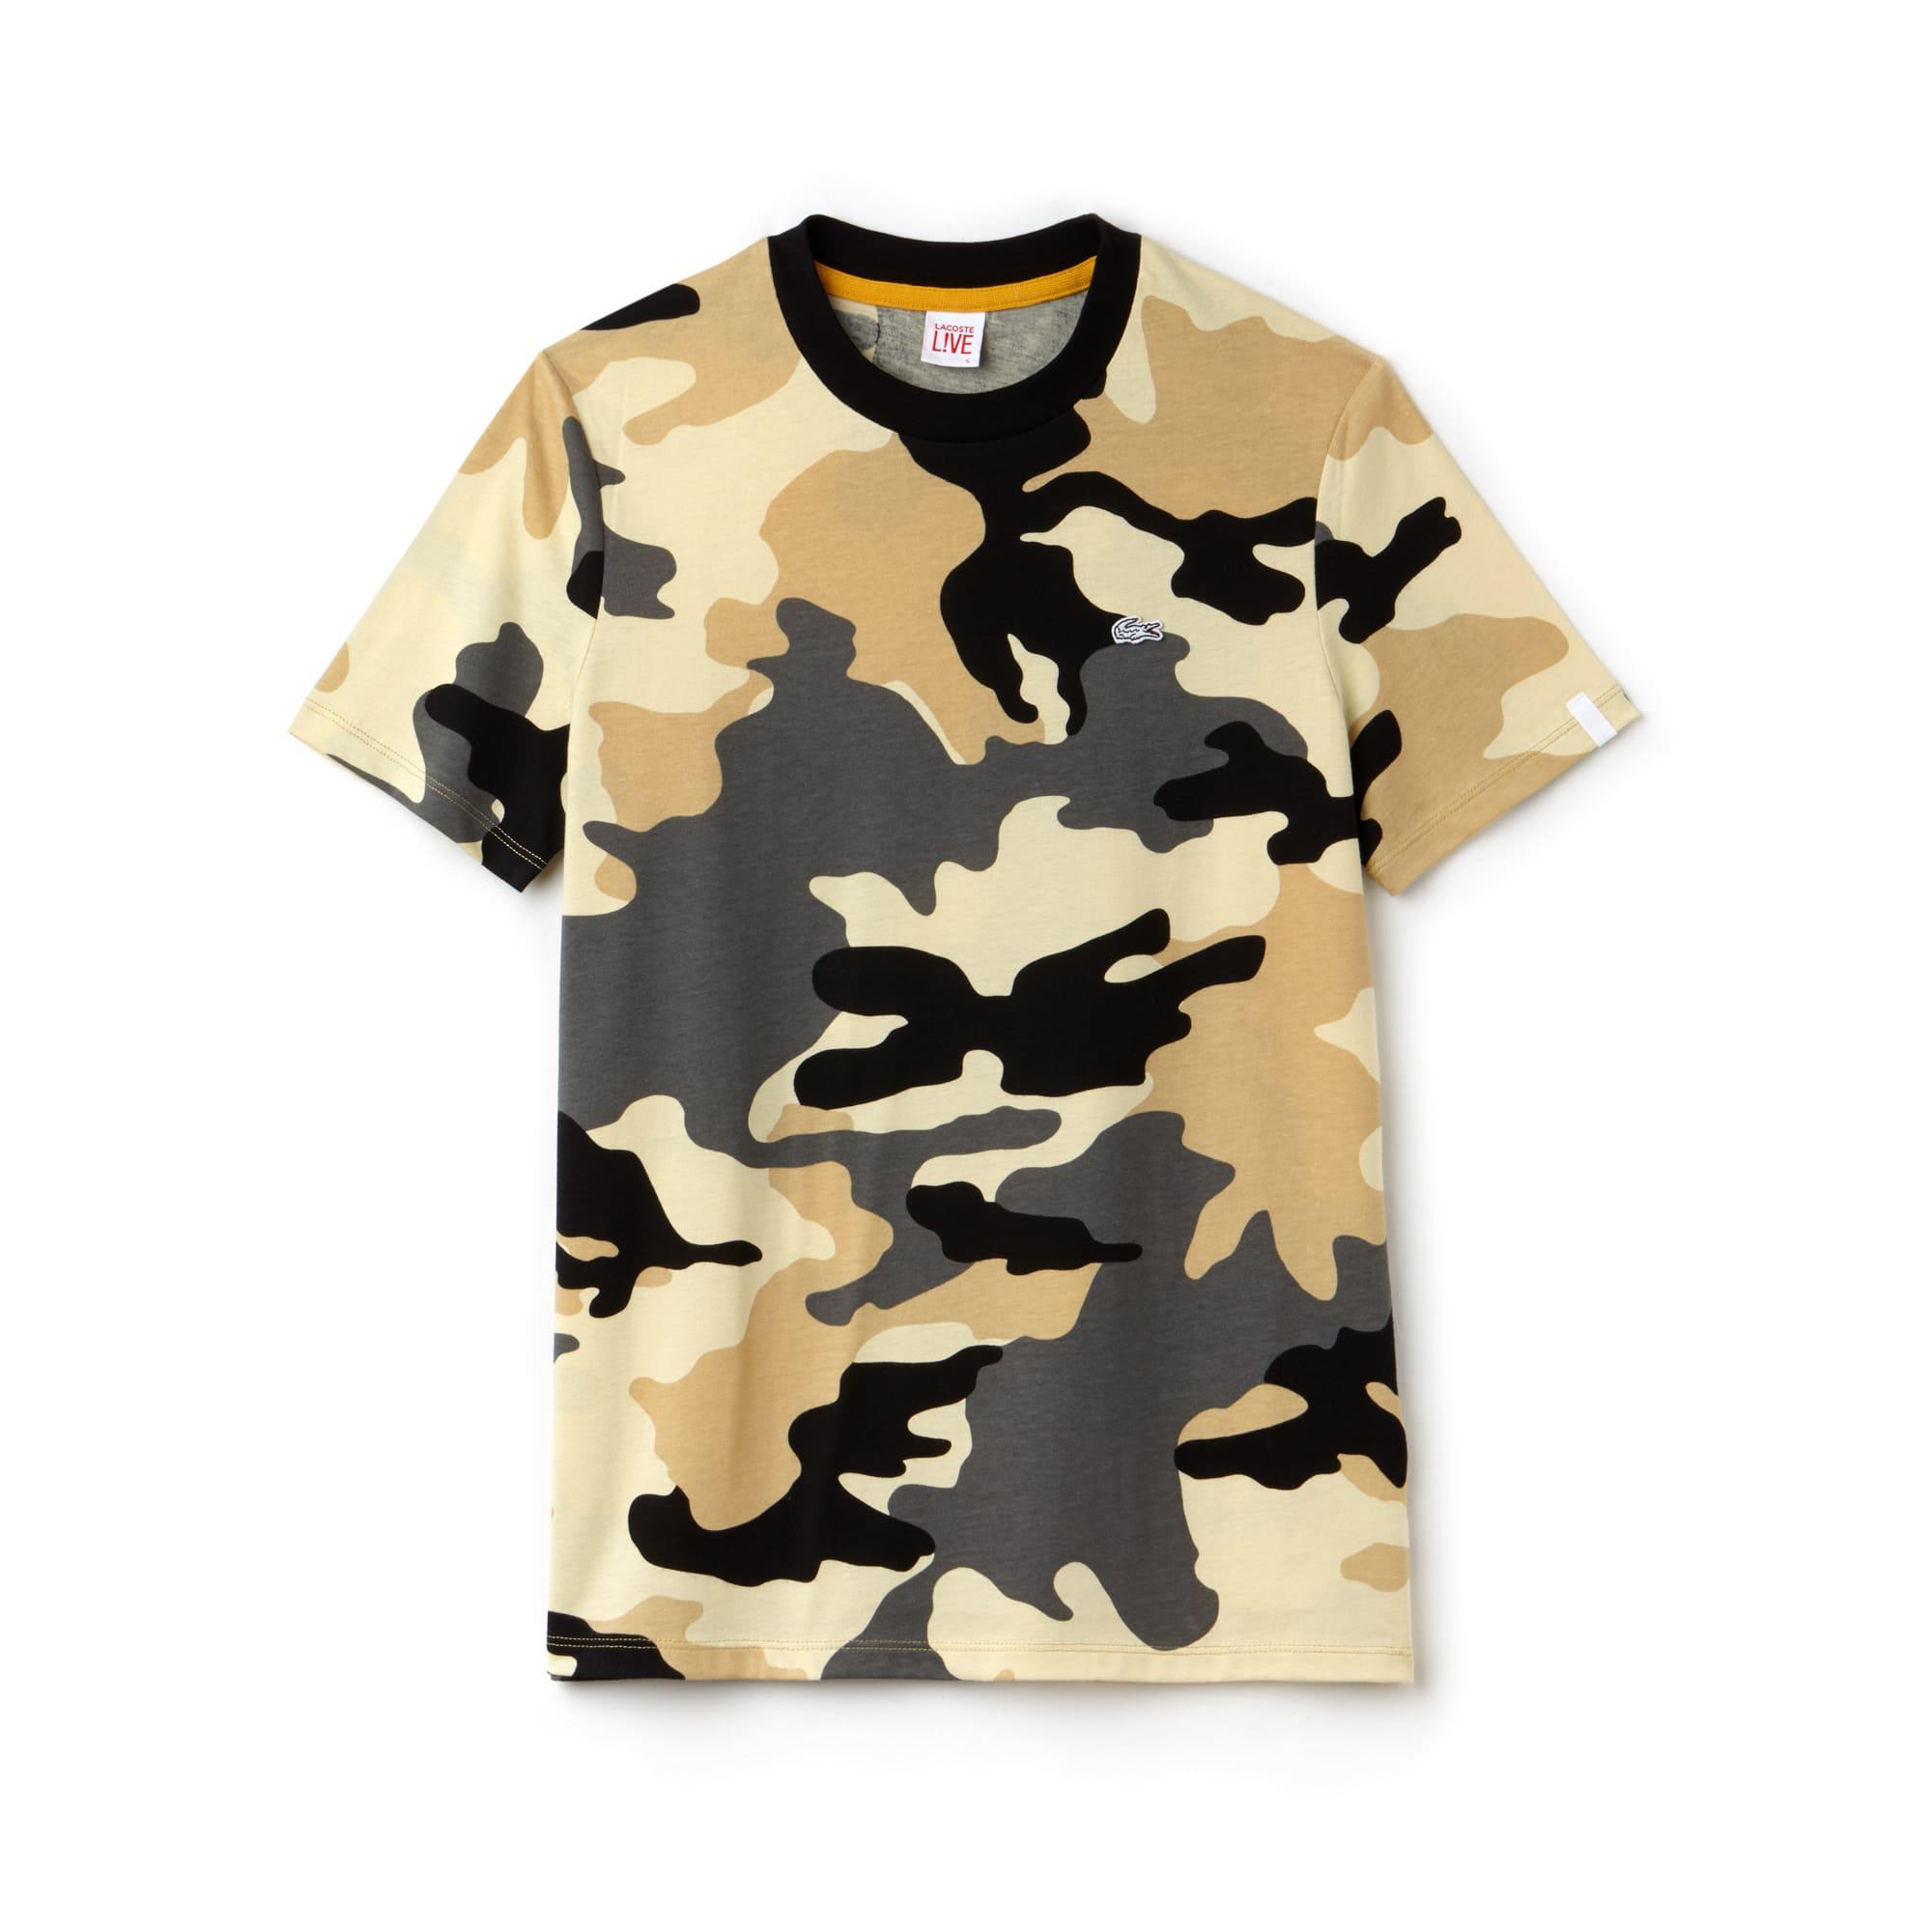 Camiseta de cuello redondo Lacoste LIVE de punto jersey estampado camuflaje